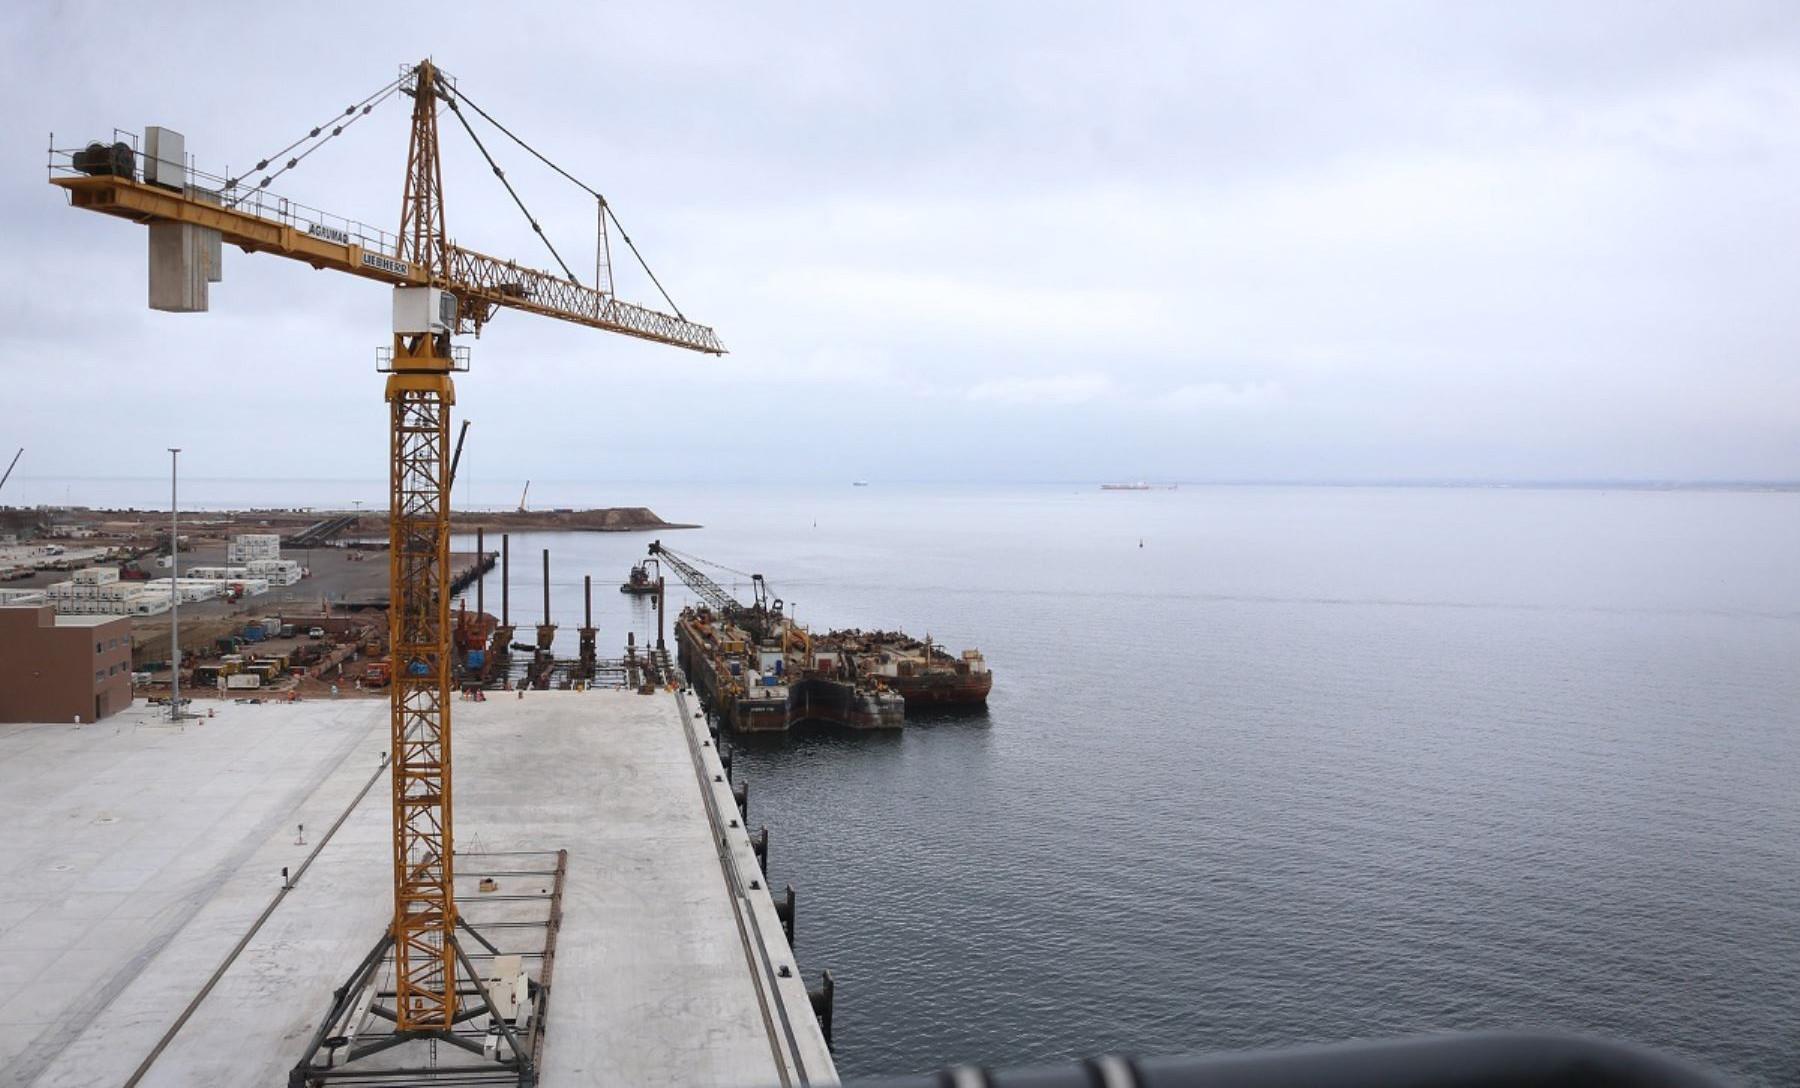 Puerto de Paracas: MEIA podría obtener luz verde este año